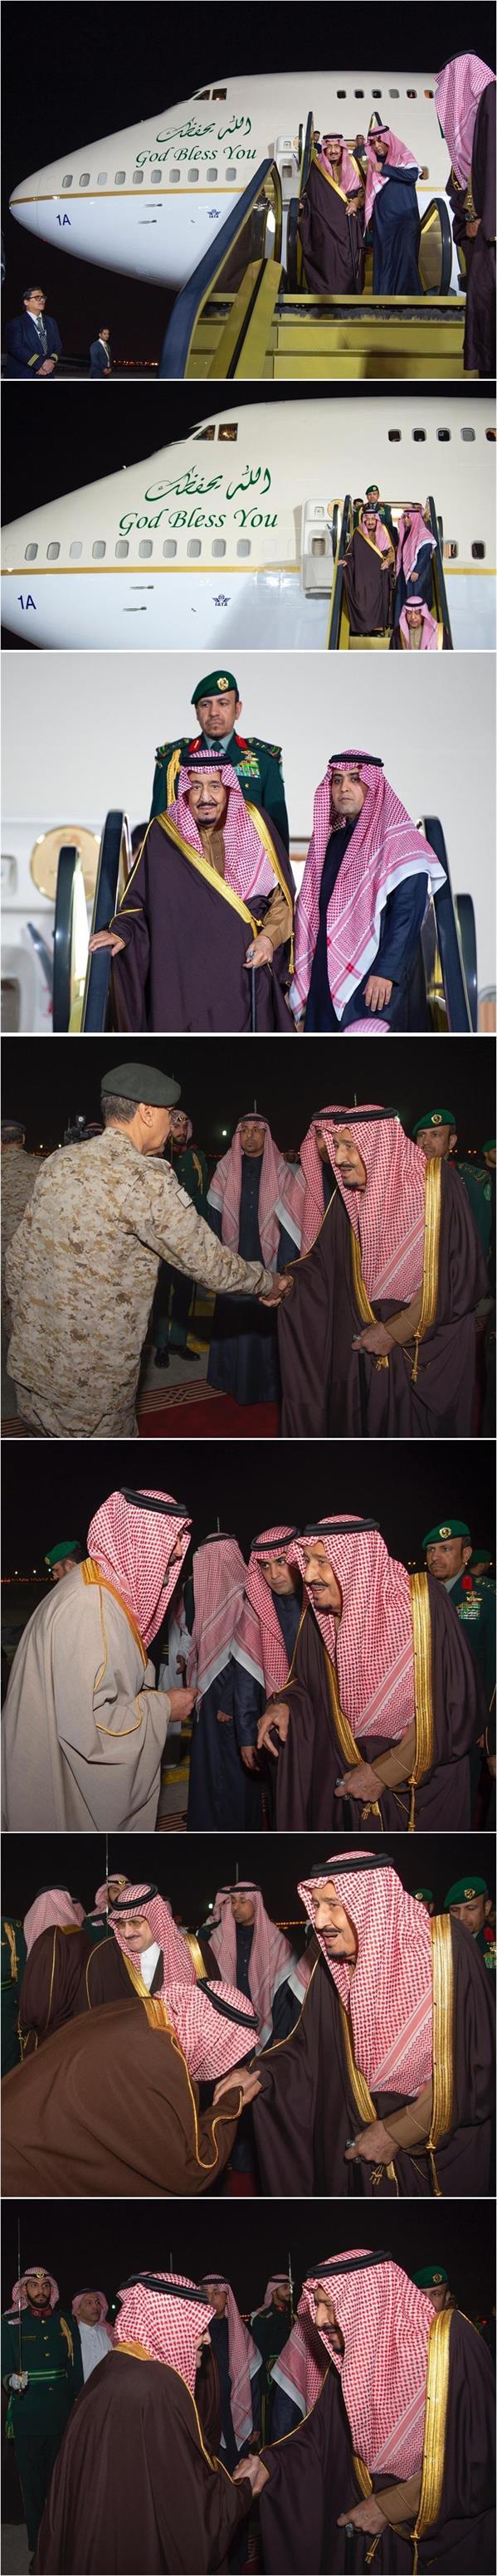 خادم الحرمين يصل الرياض قادماً من عمان